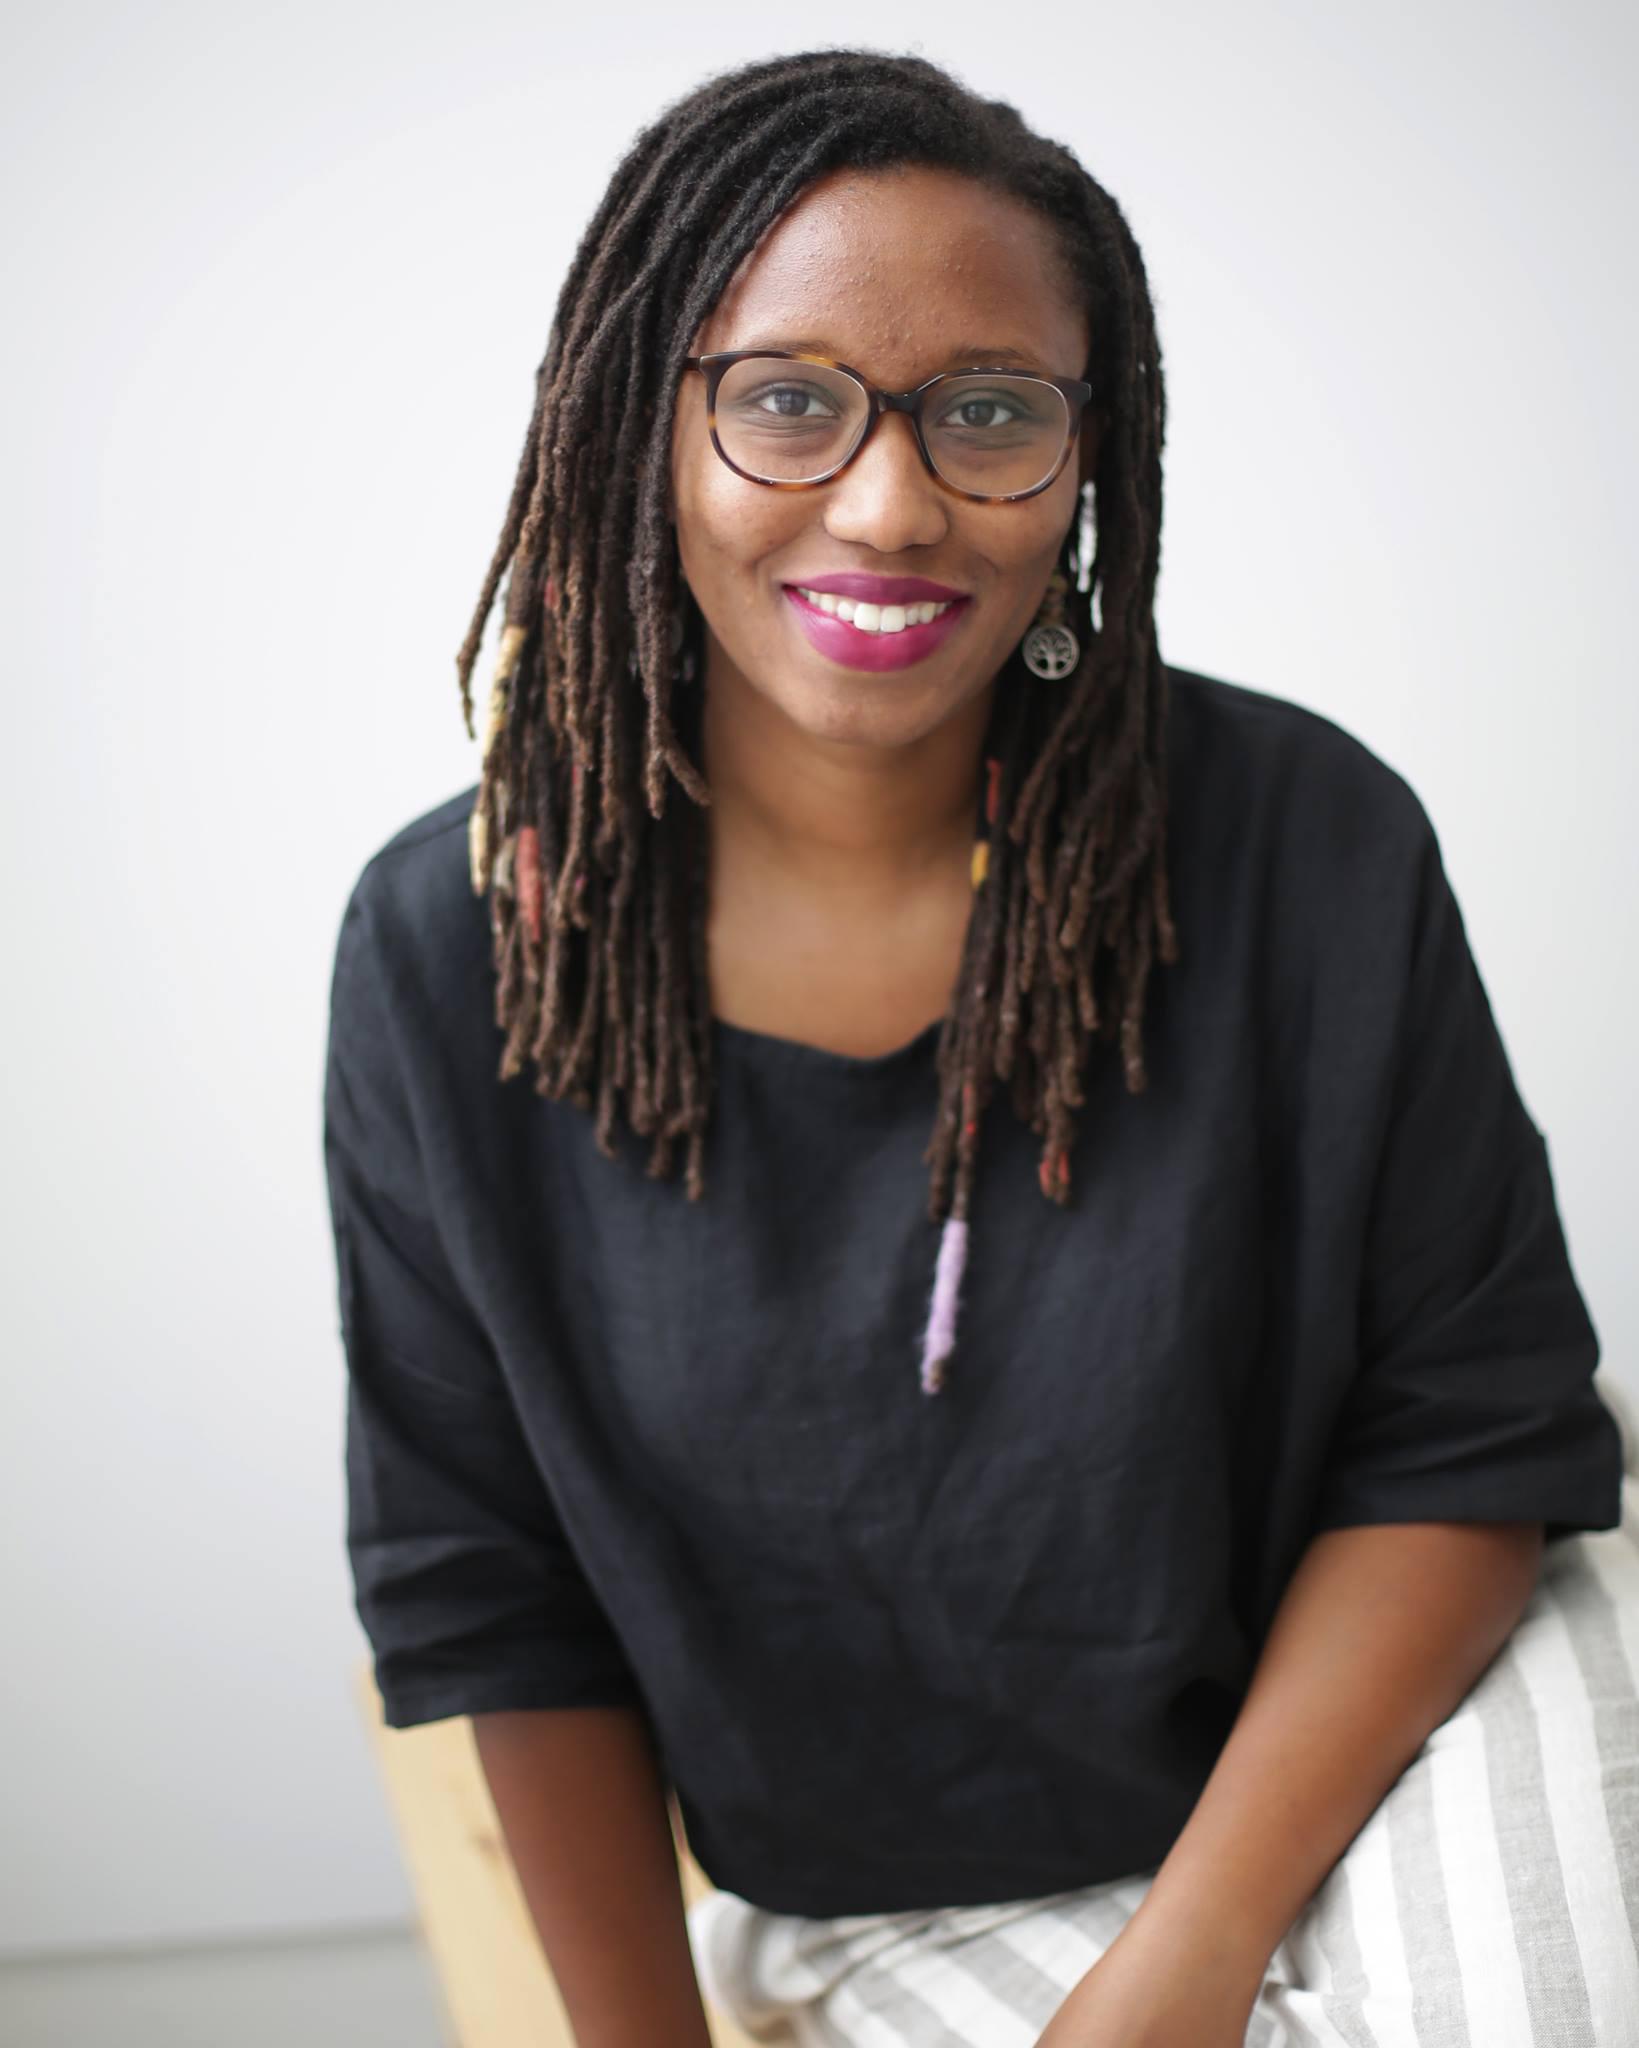 Juana Williams, UICA exhibitions curator